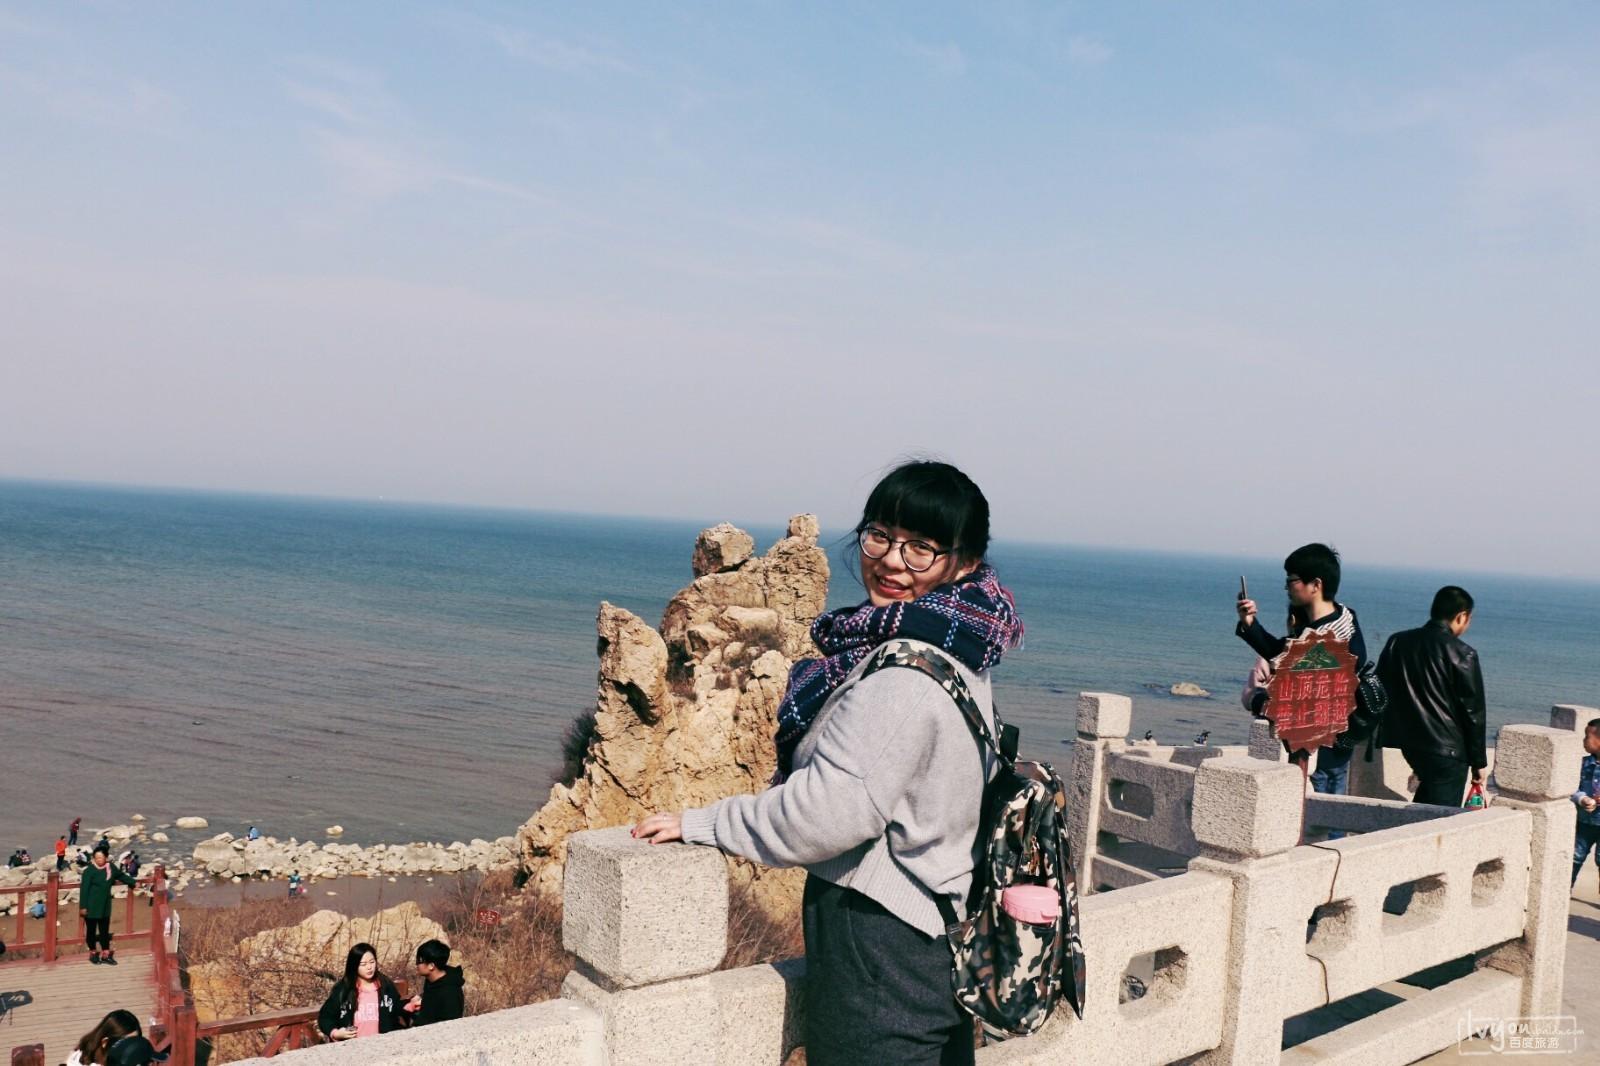 秦皇岛 北戴河 山海关 两姊妹的海边游记_北戴河旅游